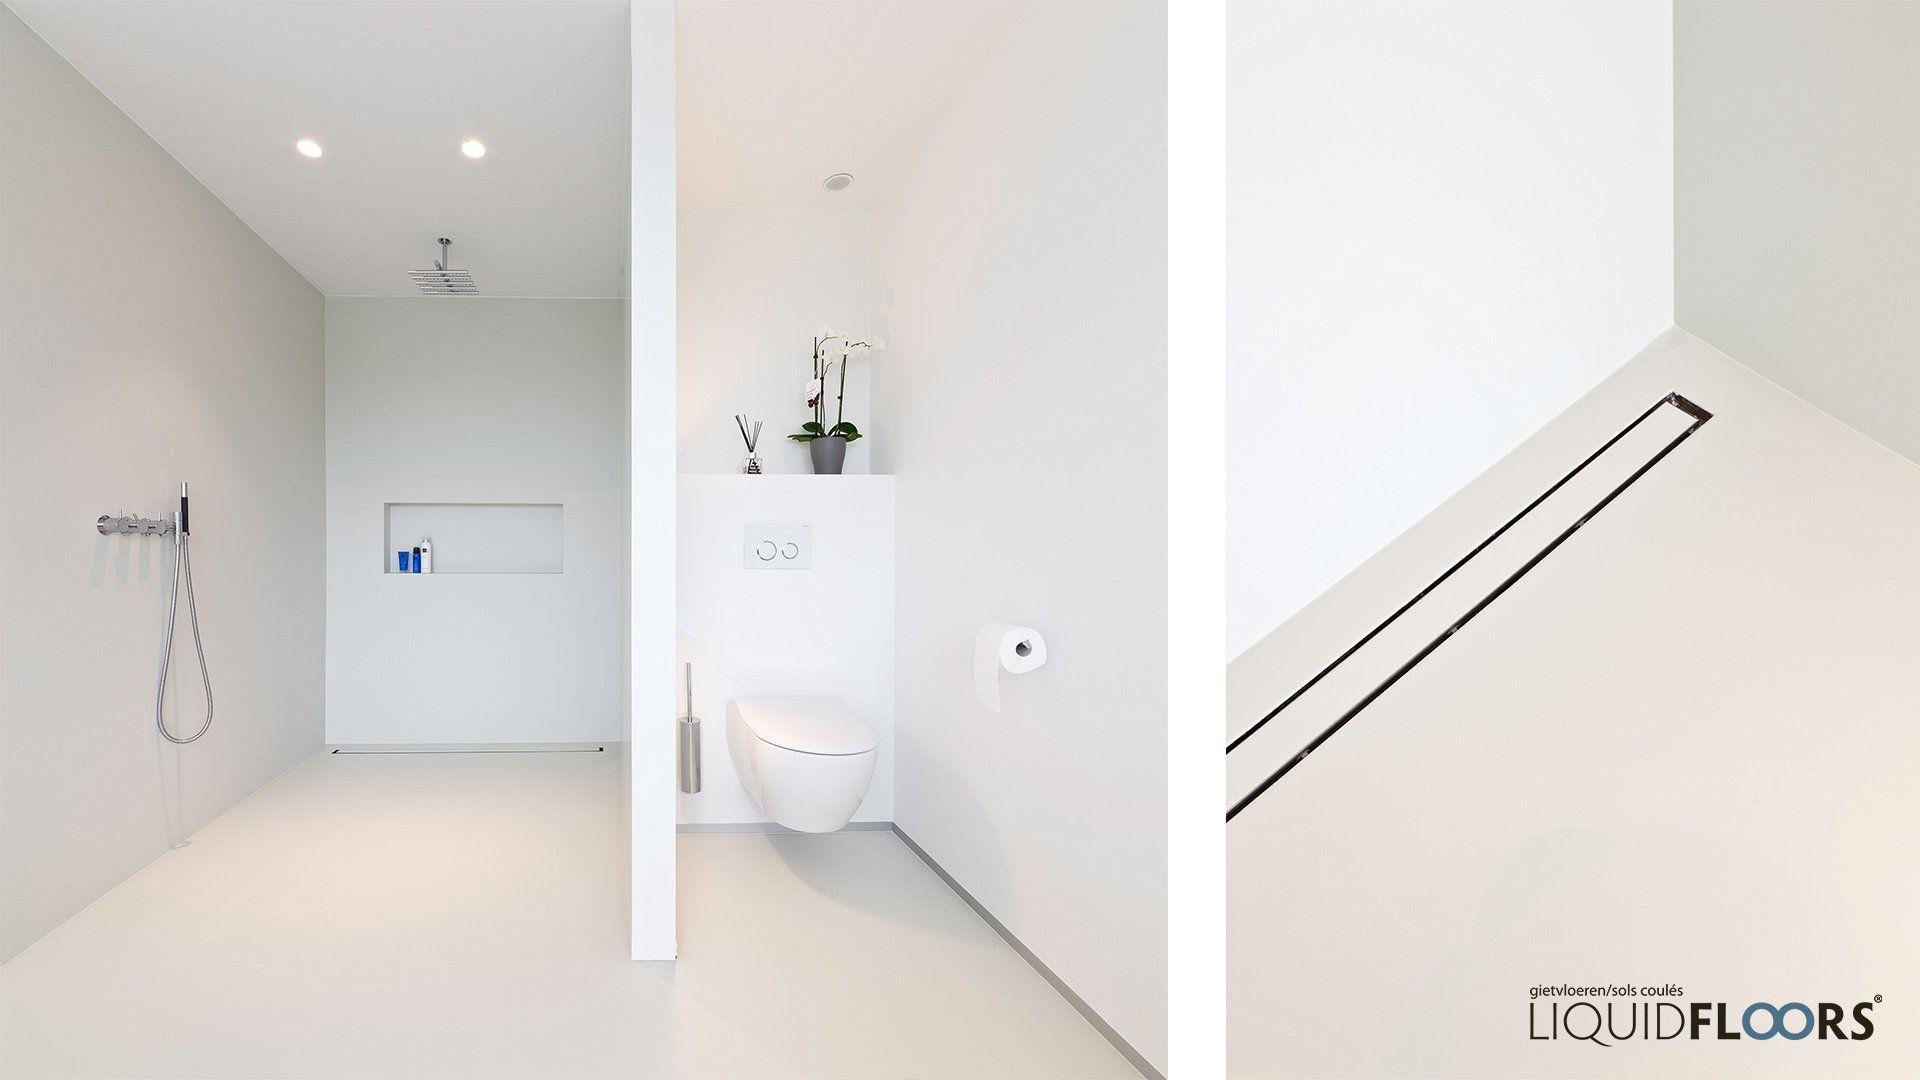 inloopdouche badkamer - LiquidFloors gietvloeren | Dream Home ...